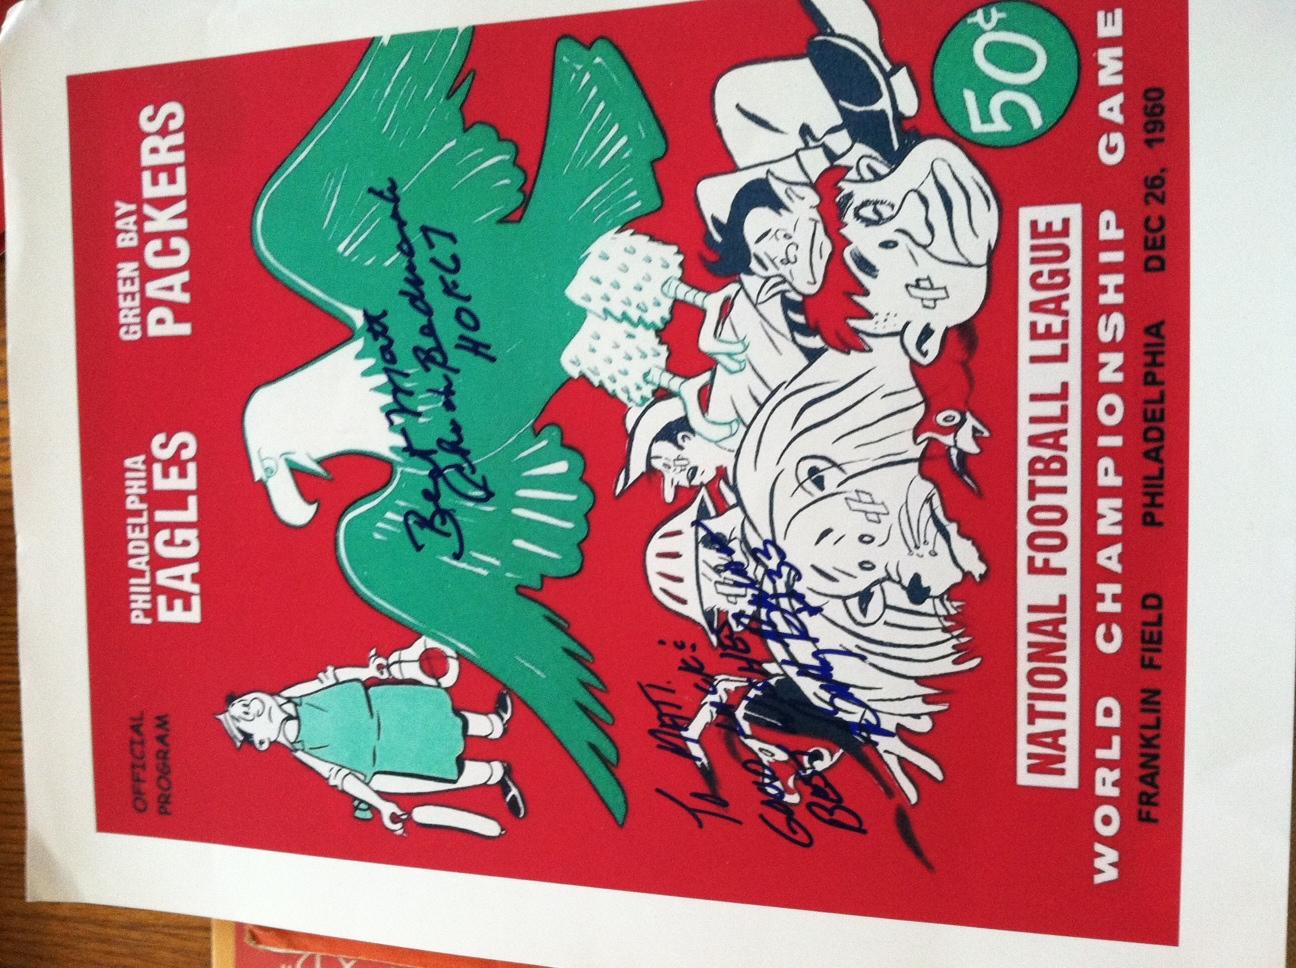 1960 Eagles - Championship Program Autograph